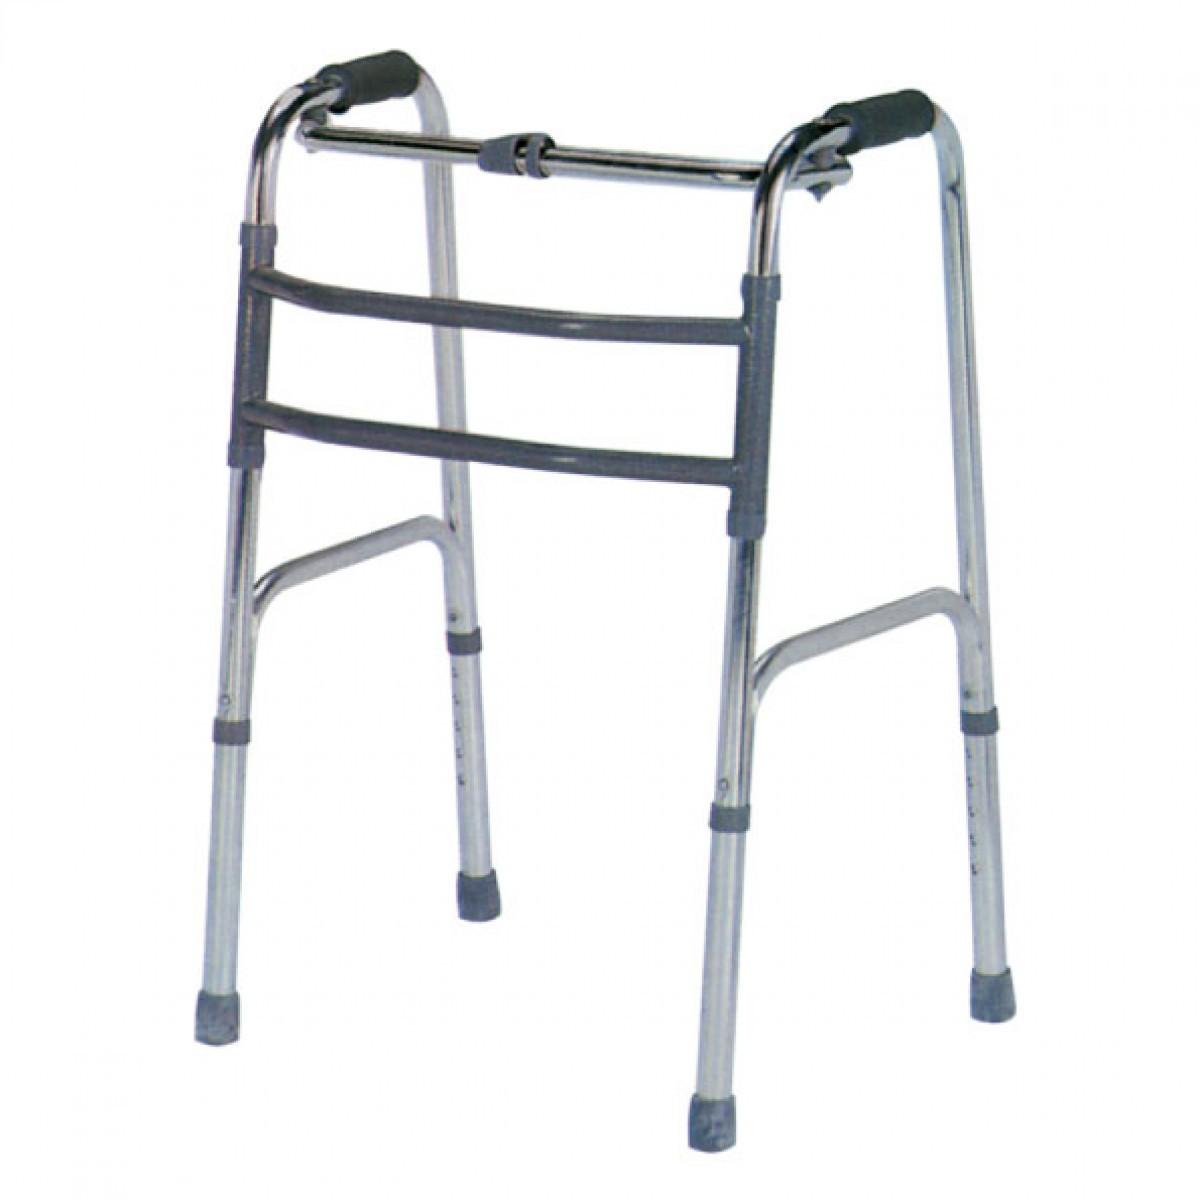 Deambulatore per anziani in alluminio richiudibile DE5, DE5, 69 €